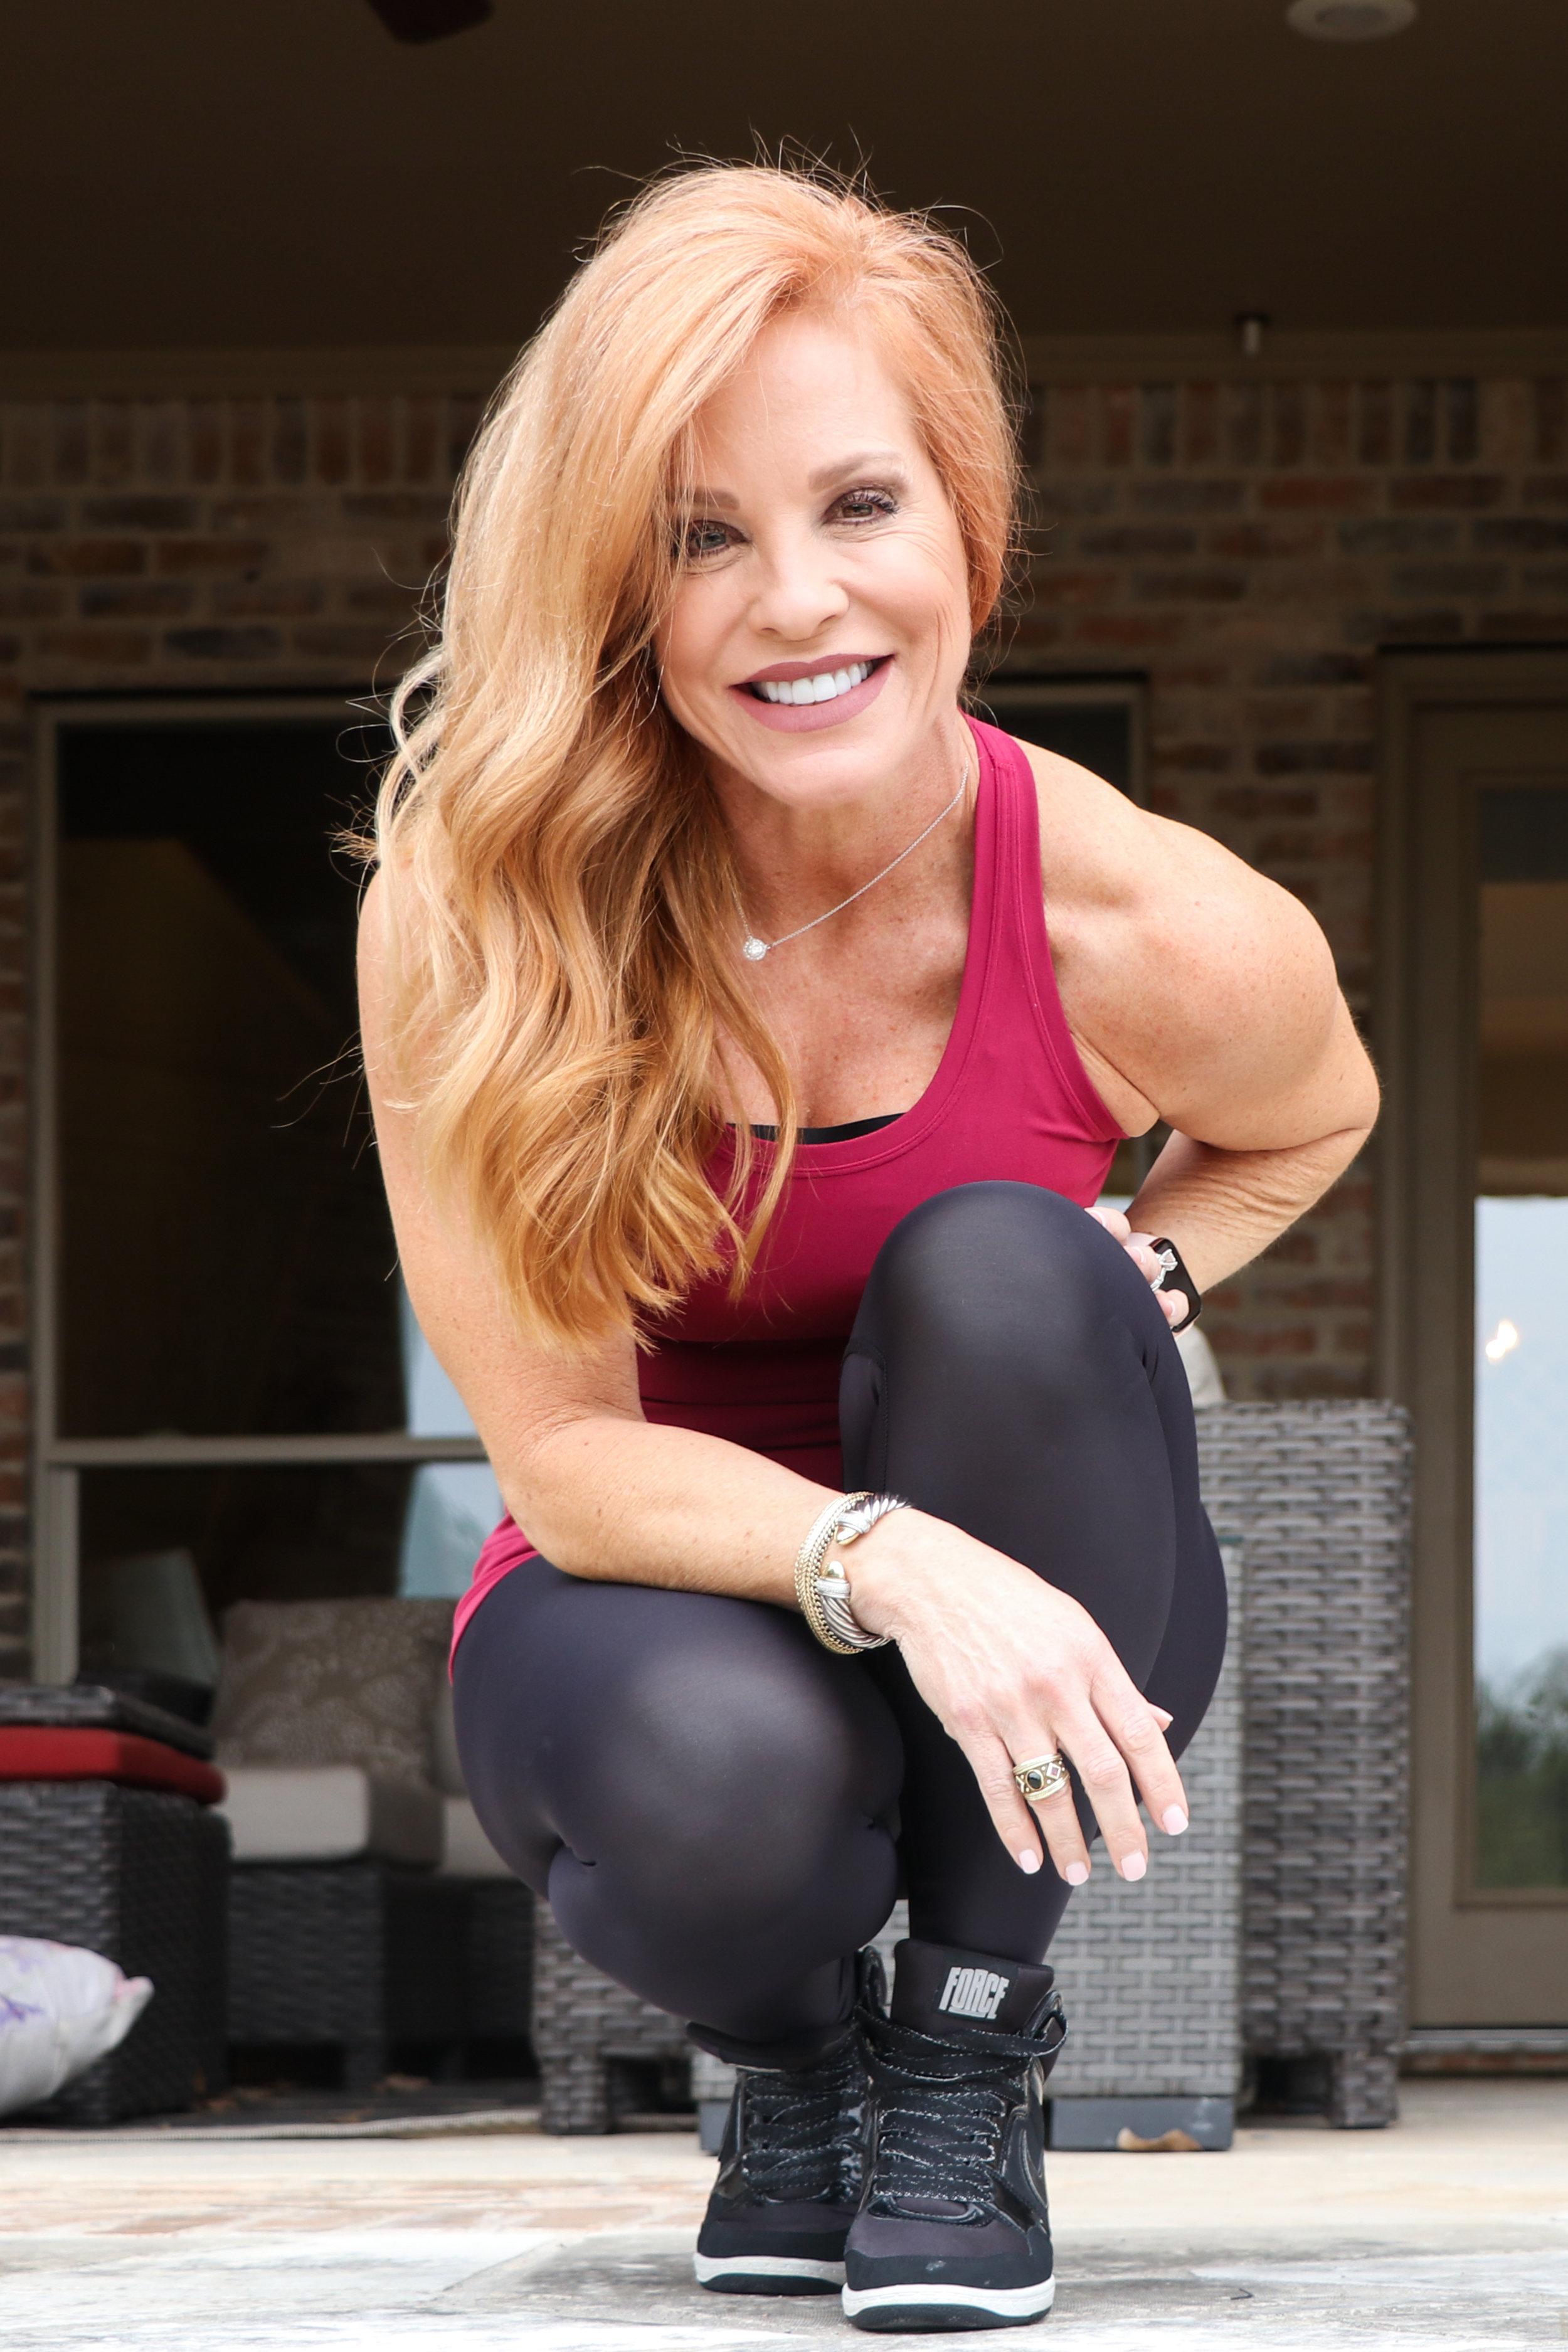 Susan Cornette Fitness-0628.jpg